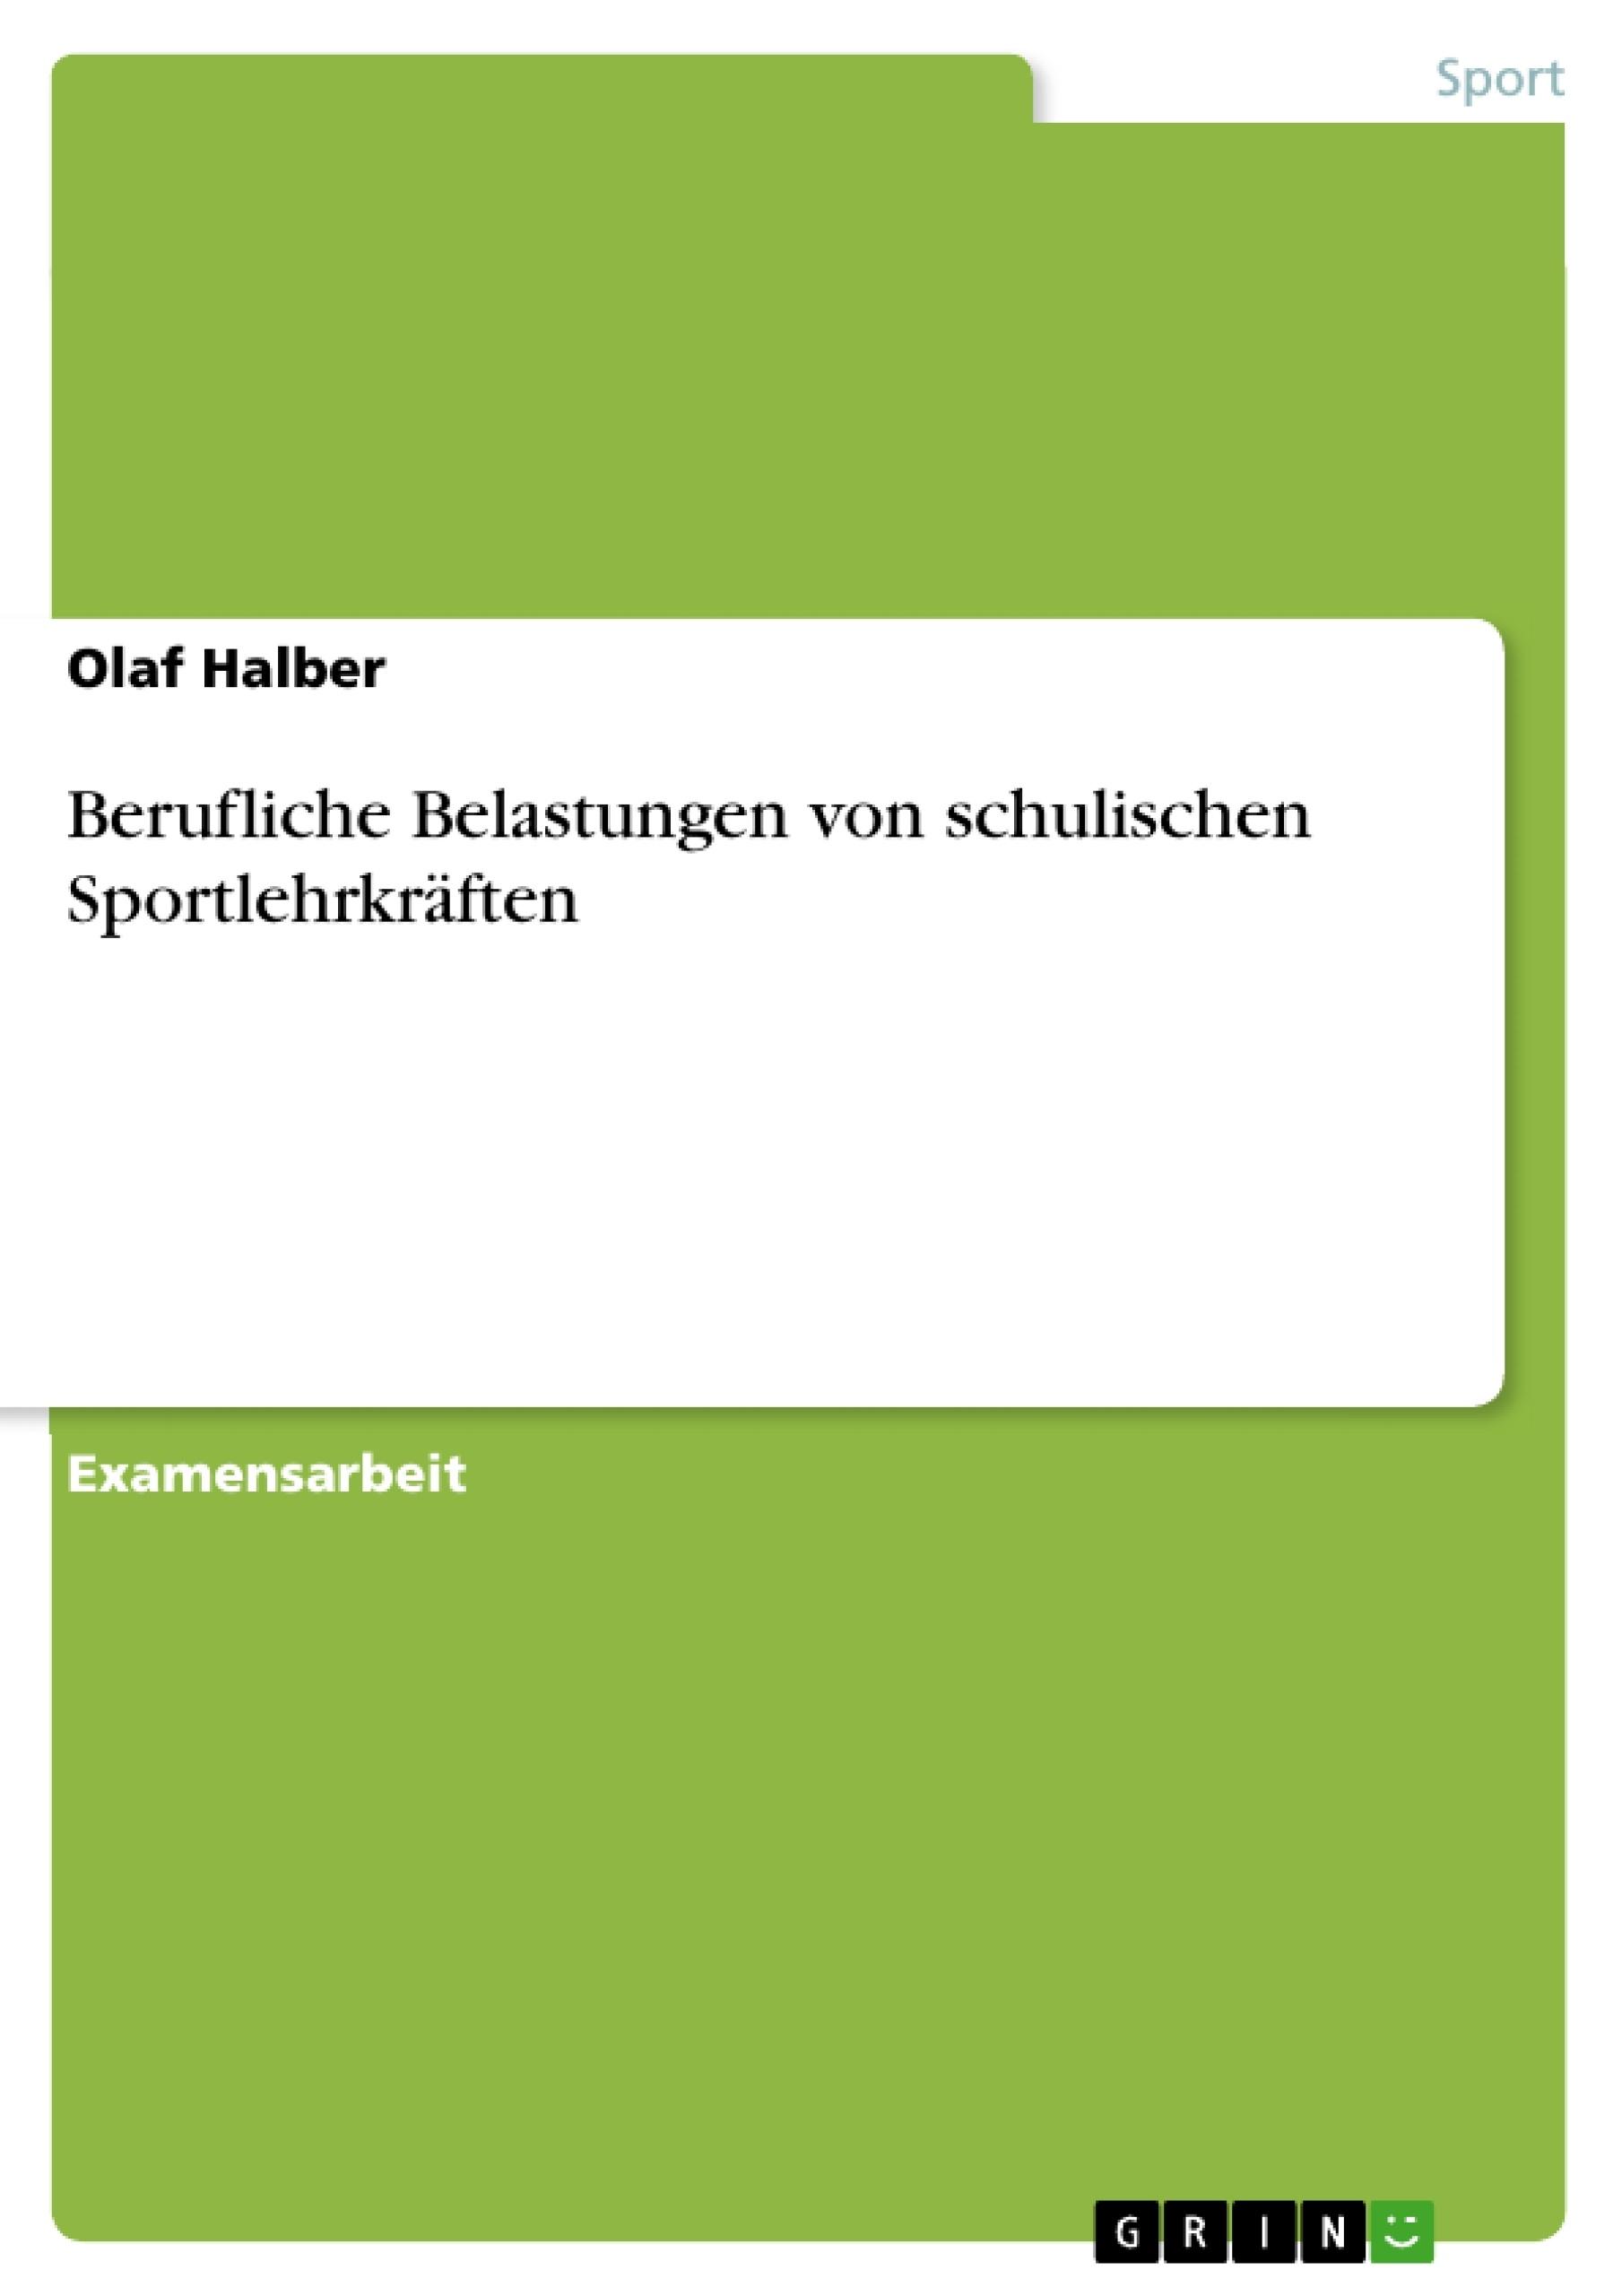 Titel: Berufliche Belastungen von schulischen Sportlehrkräften